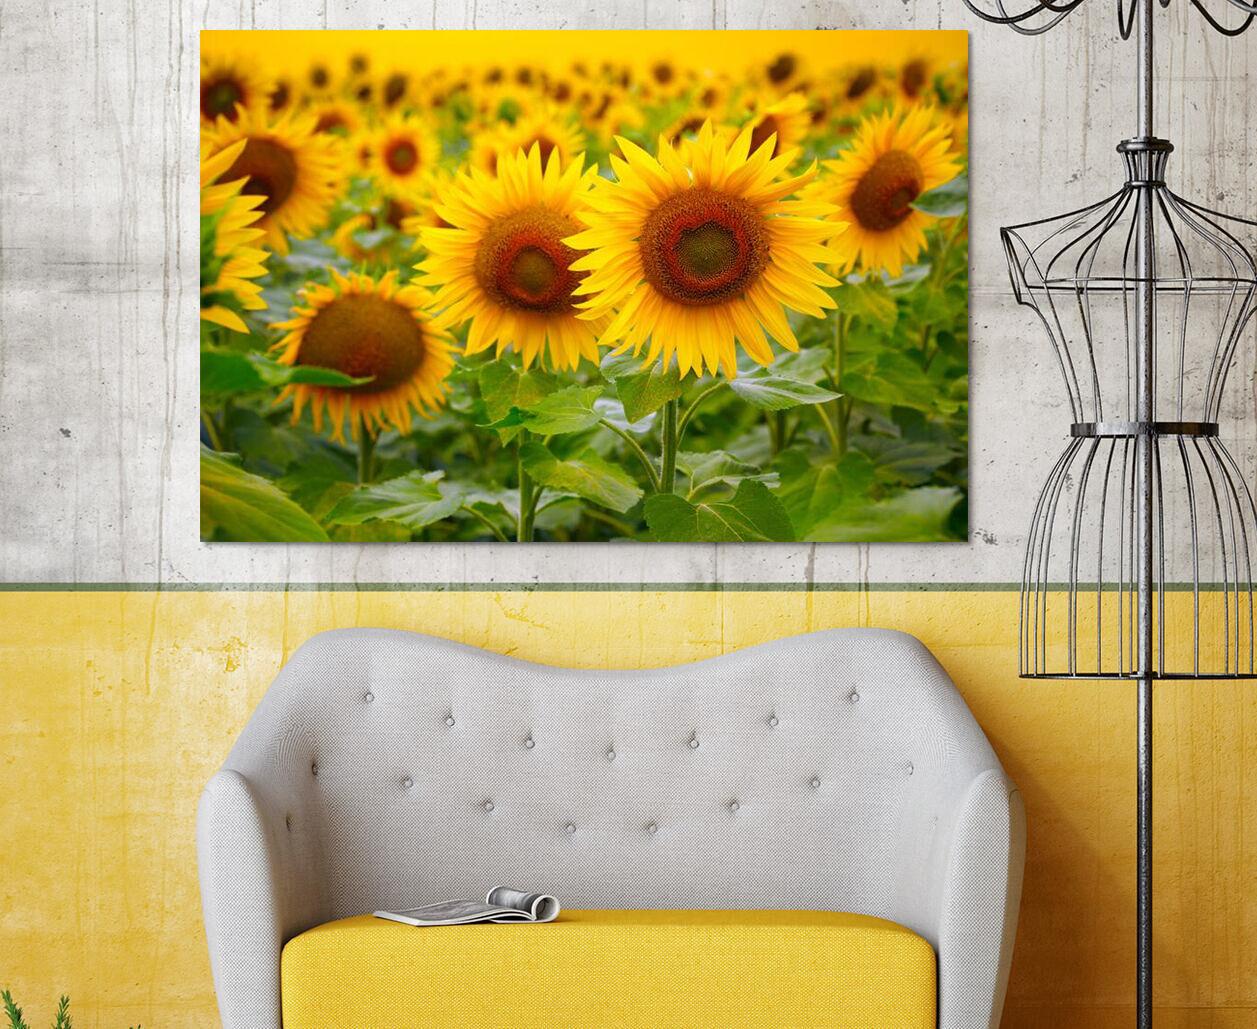 3D Goldene SonnenBlaume 8733 Fototapeten Wandbild BildTapete AJSTORE DE Lemon